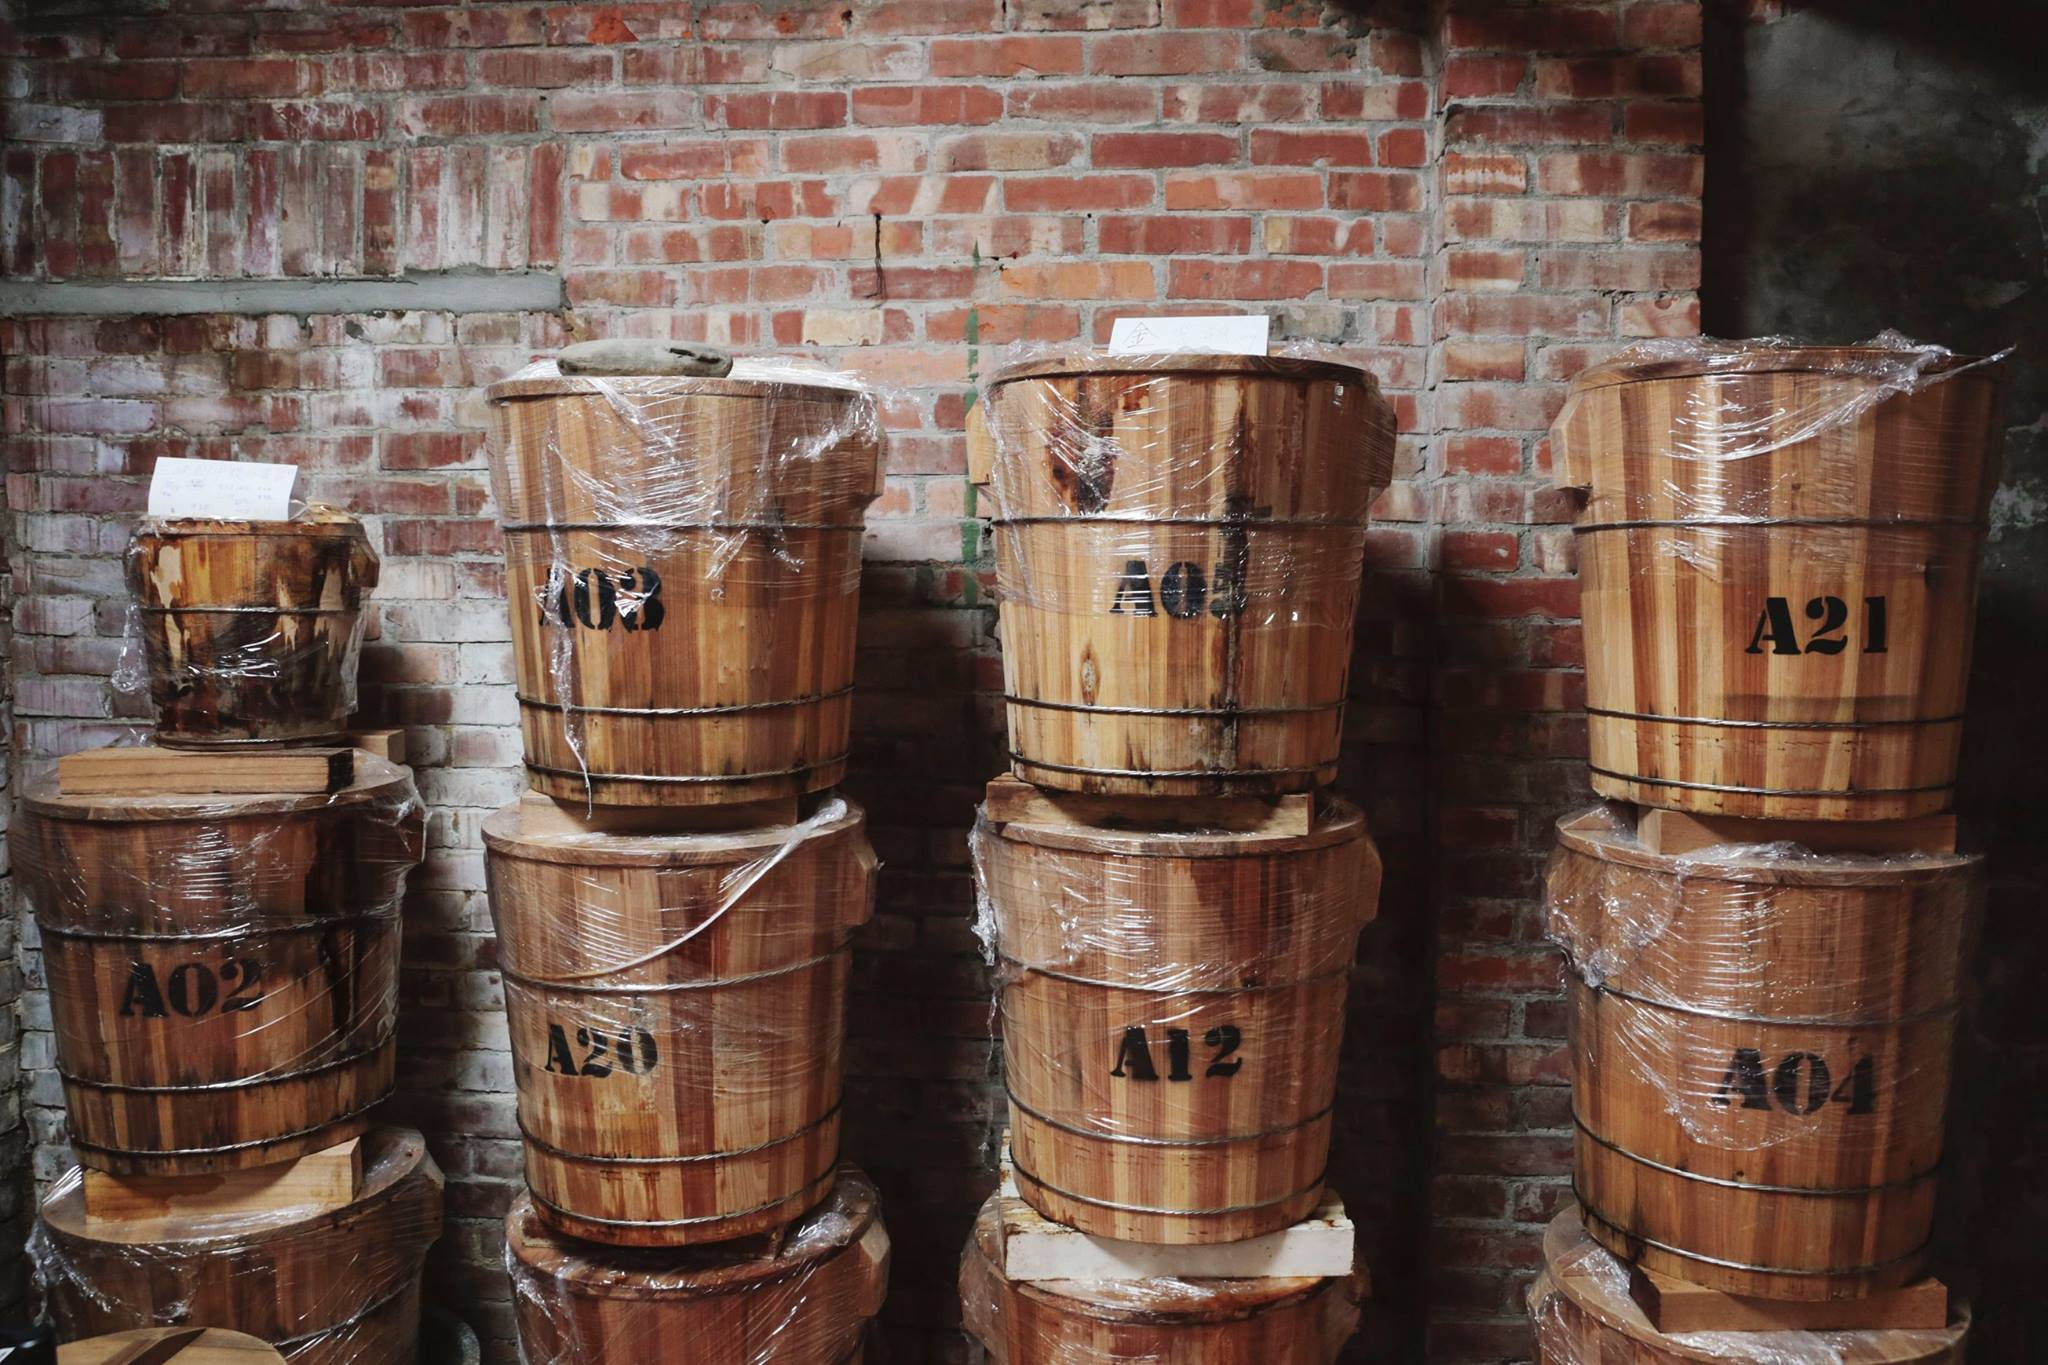 手工木桶封存,時間醞釀 將米麴、黃豆、鹽巴,封存在三峽老師傅的手工木桶中,並讓益菌自然生成風味,不額外添加任何化學原料。 | 禾乃川國產豆製所 | 改變生命的豆漿店